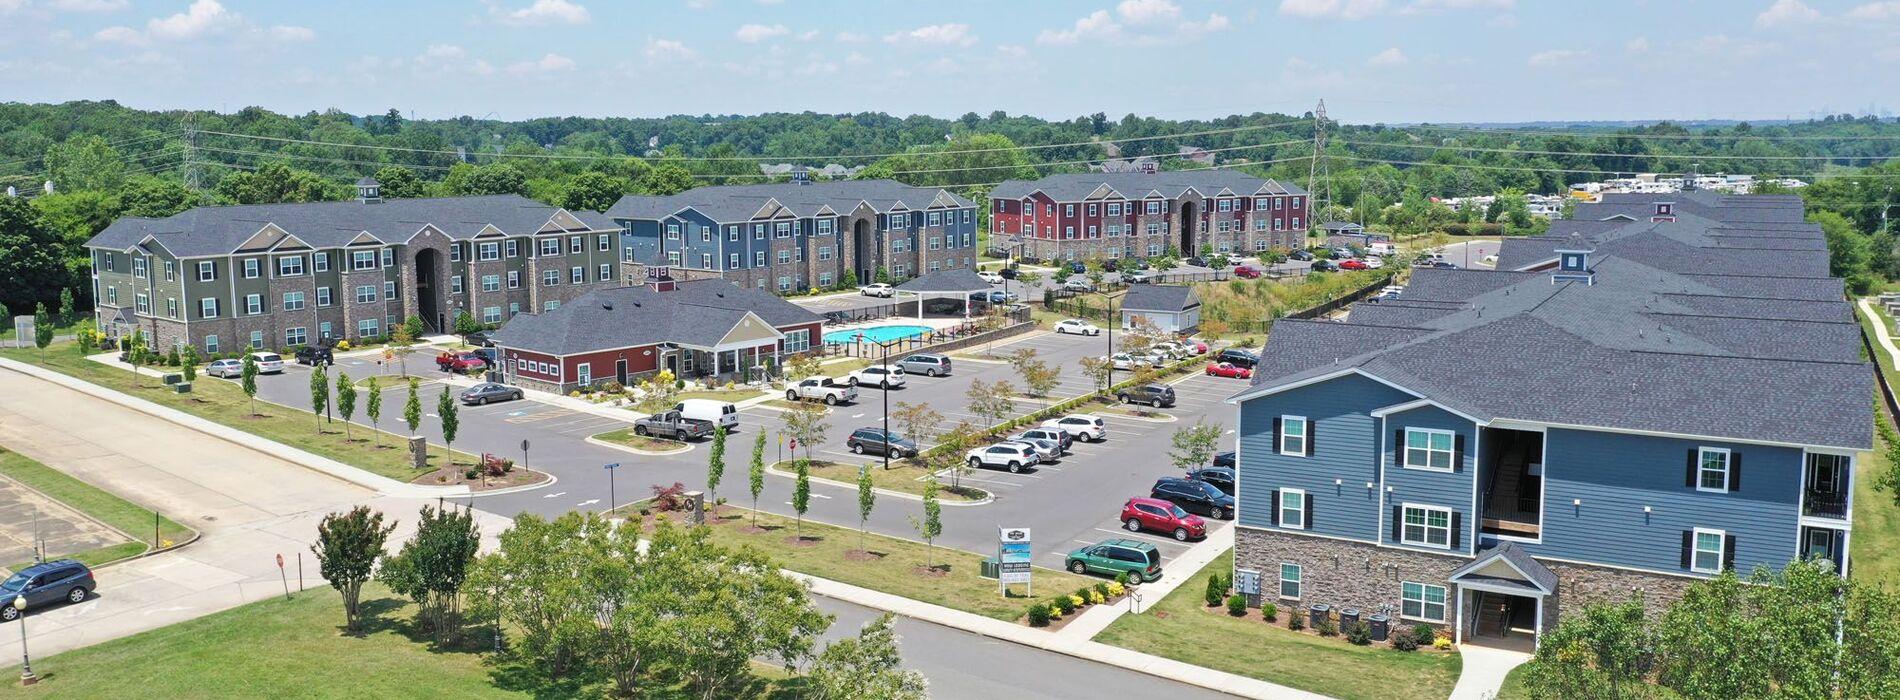 Villas at Fort Mill